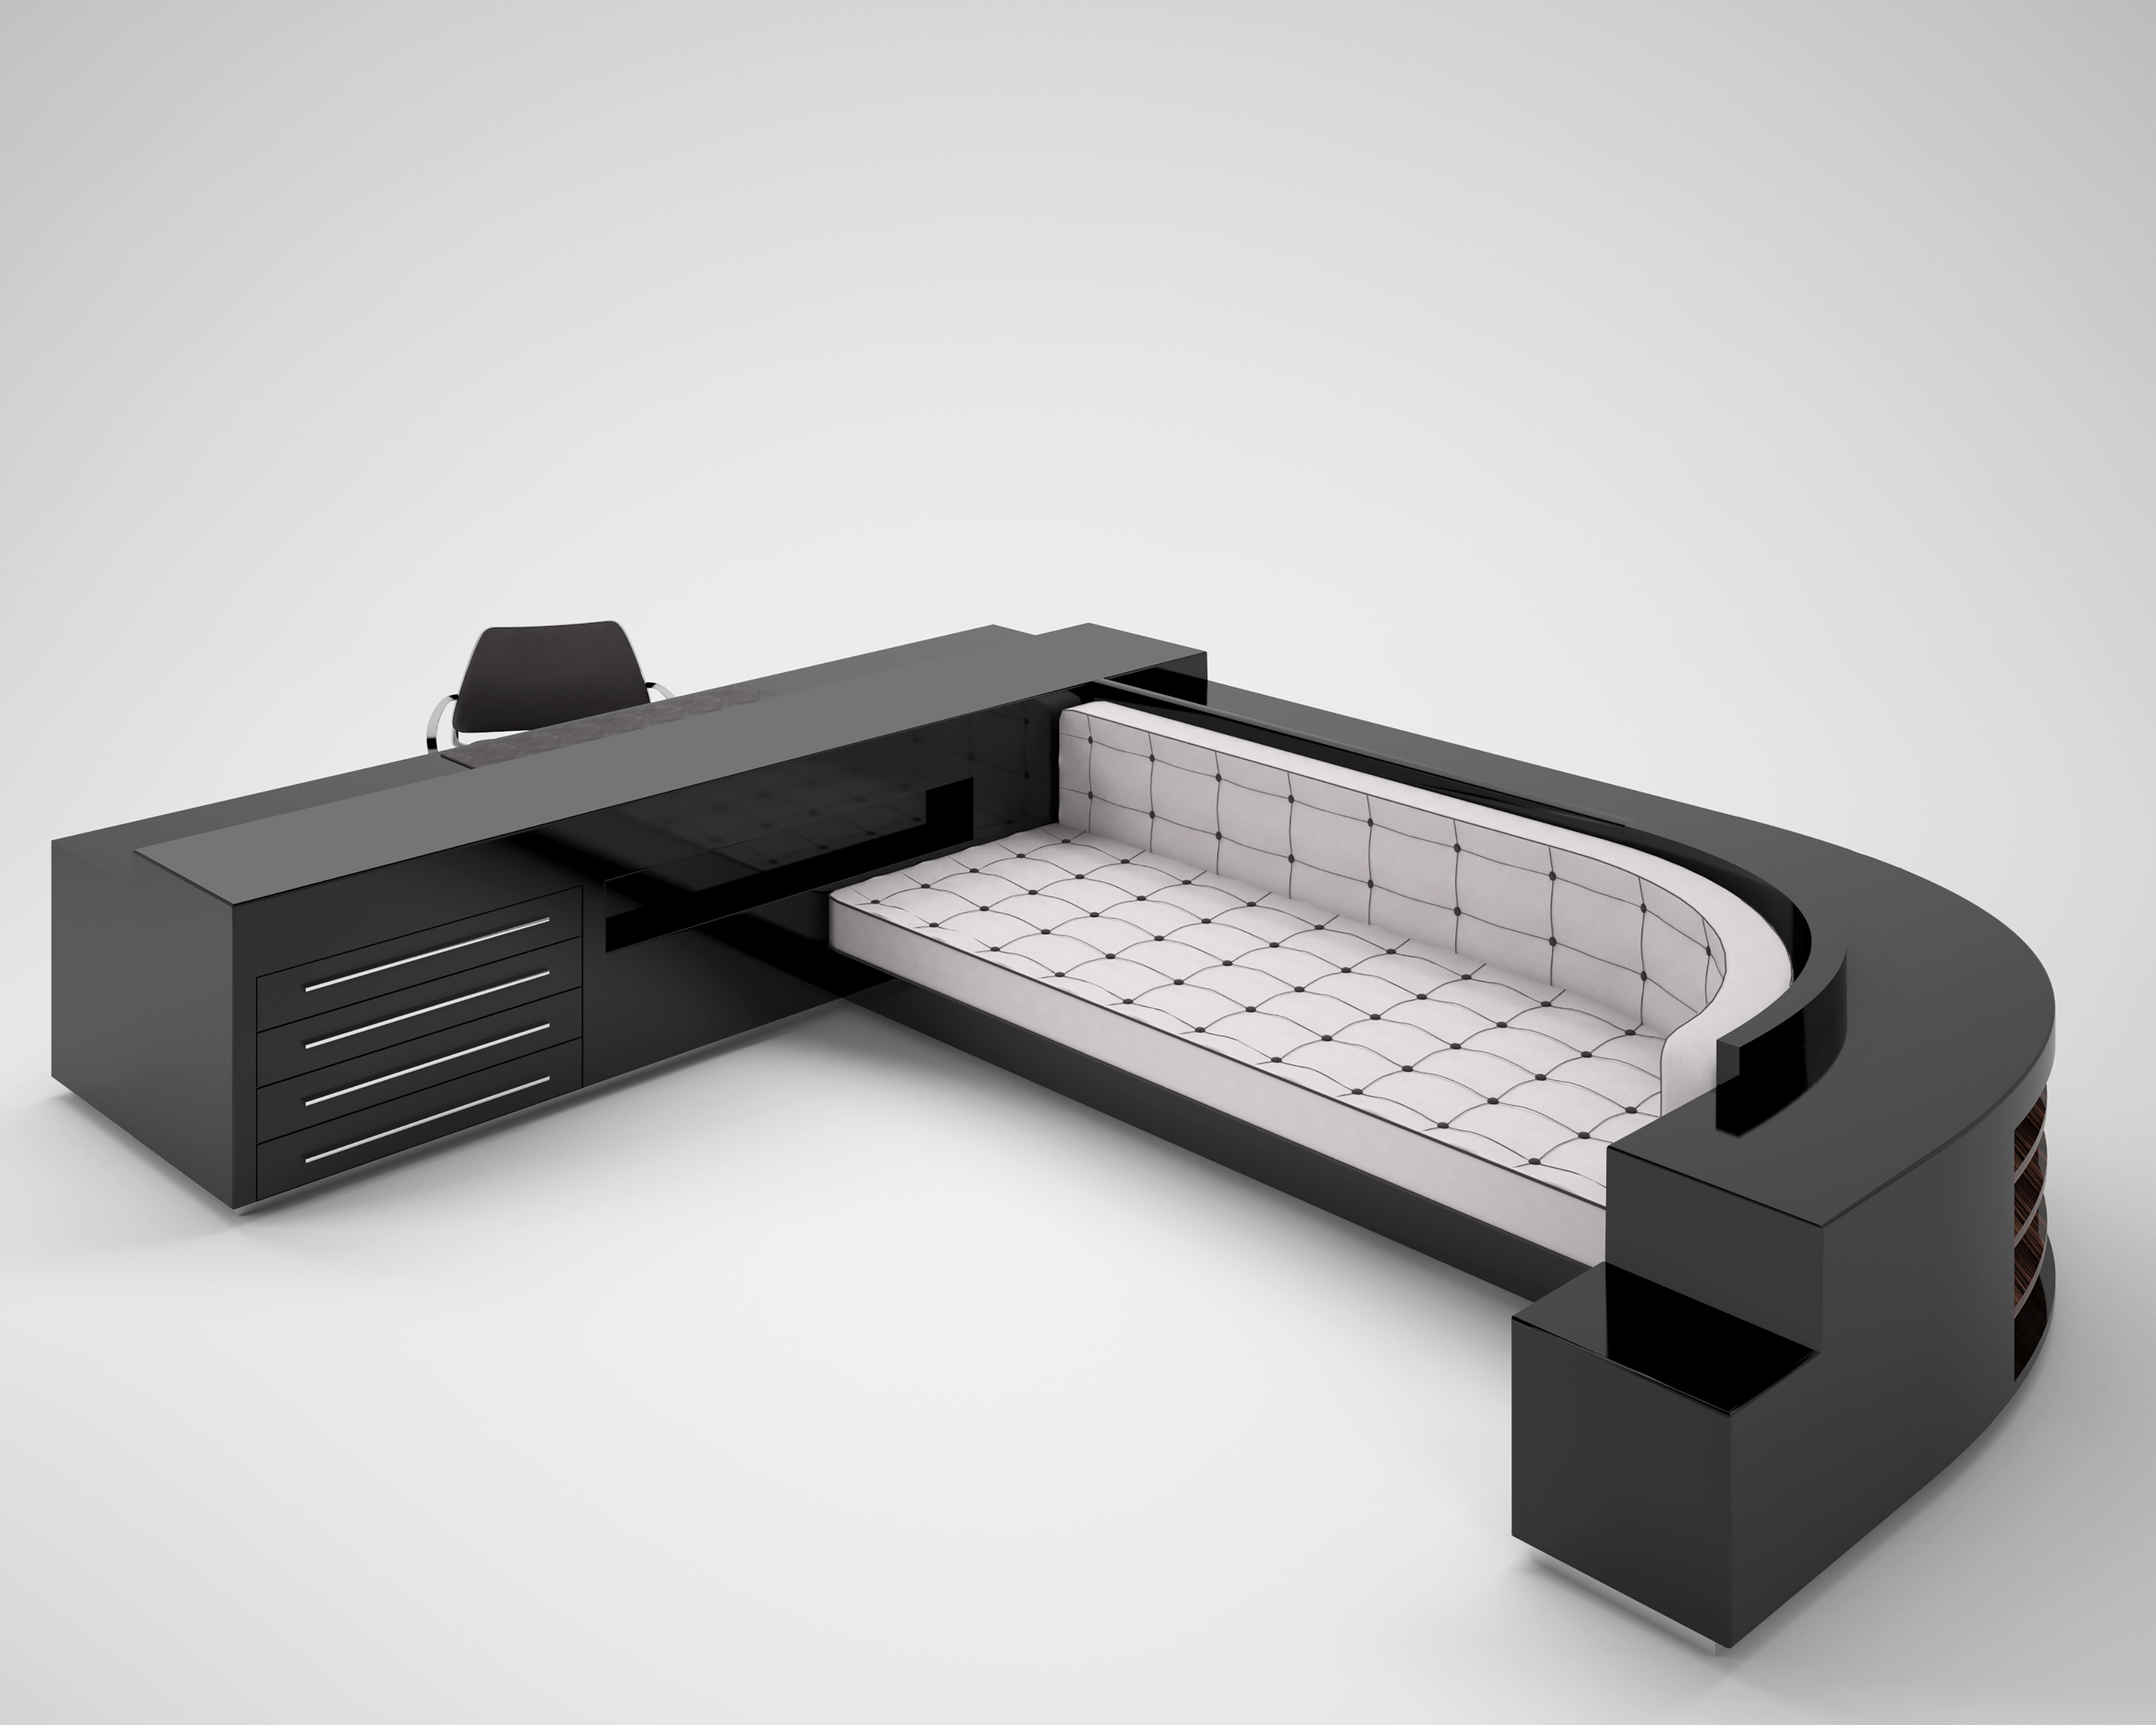 xxl sofa und schreibtischkkombination in hochglanz schwarz original antike m bel. Black Bedroom Furniture Sets. Home Design Ideas